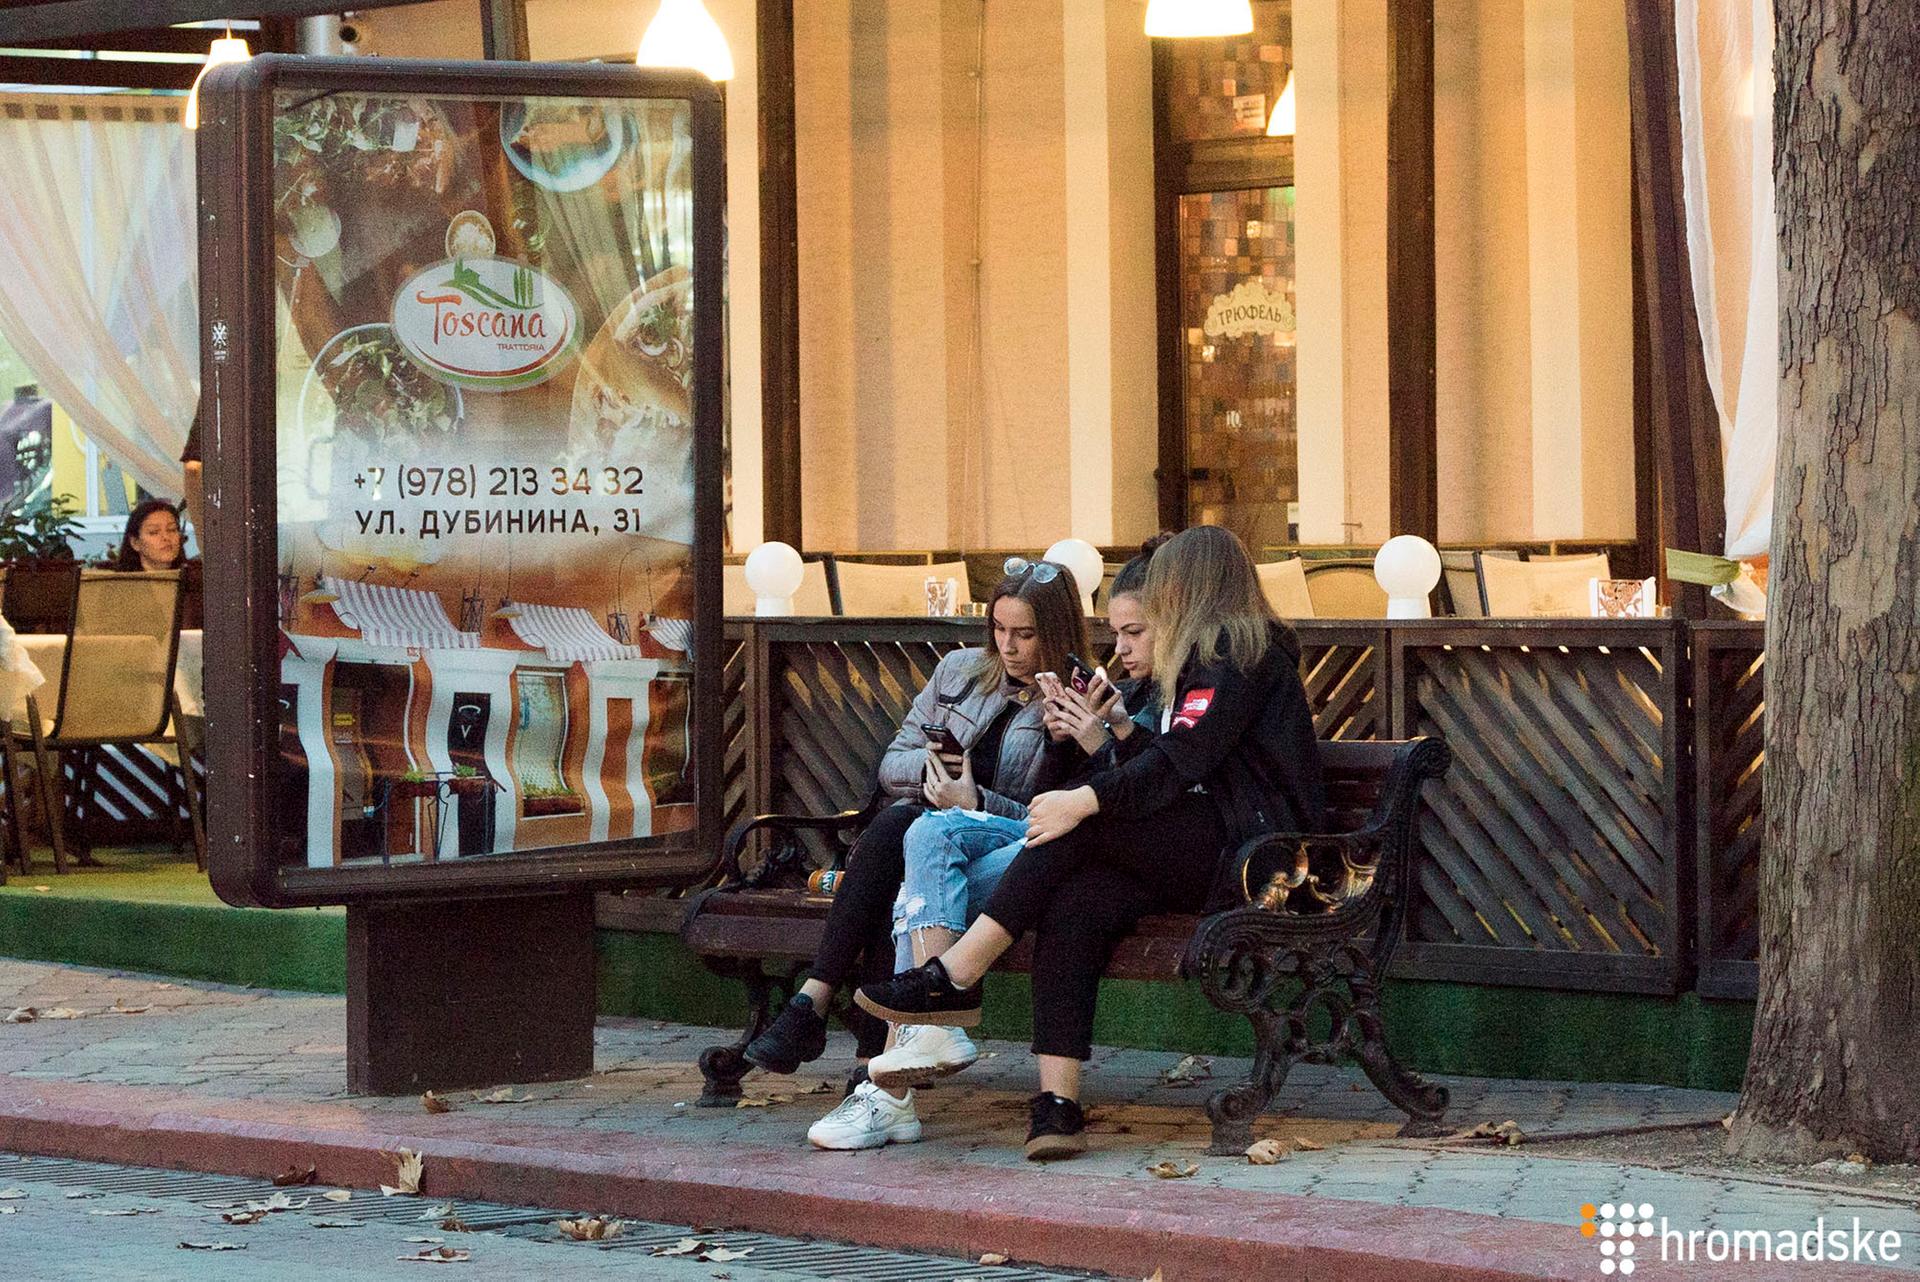 Дівчата в центрі міста перевіряють сторінки у соцмережах в телефоні, Керч, Крим, 22 жовтня 2018 року